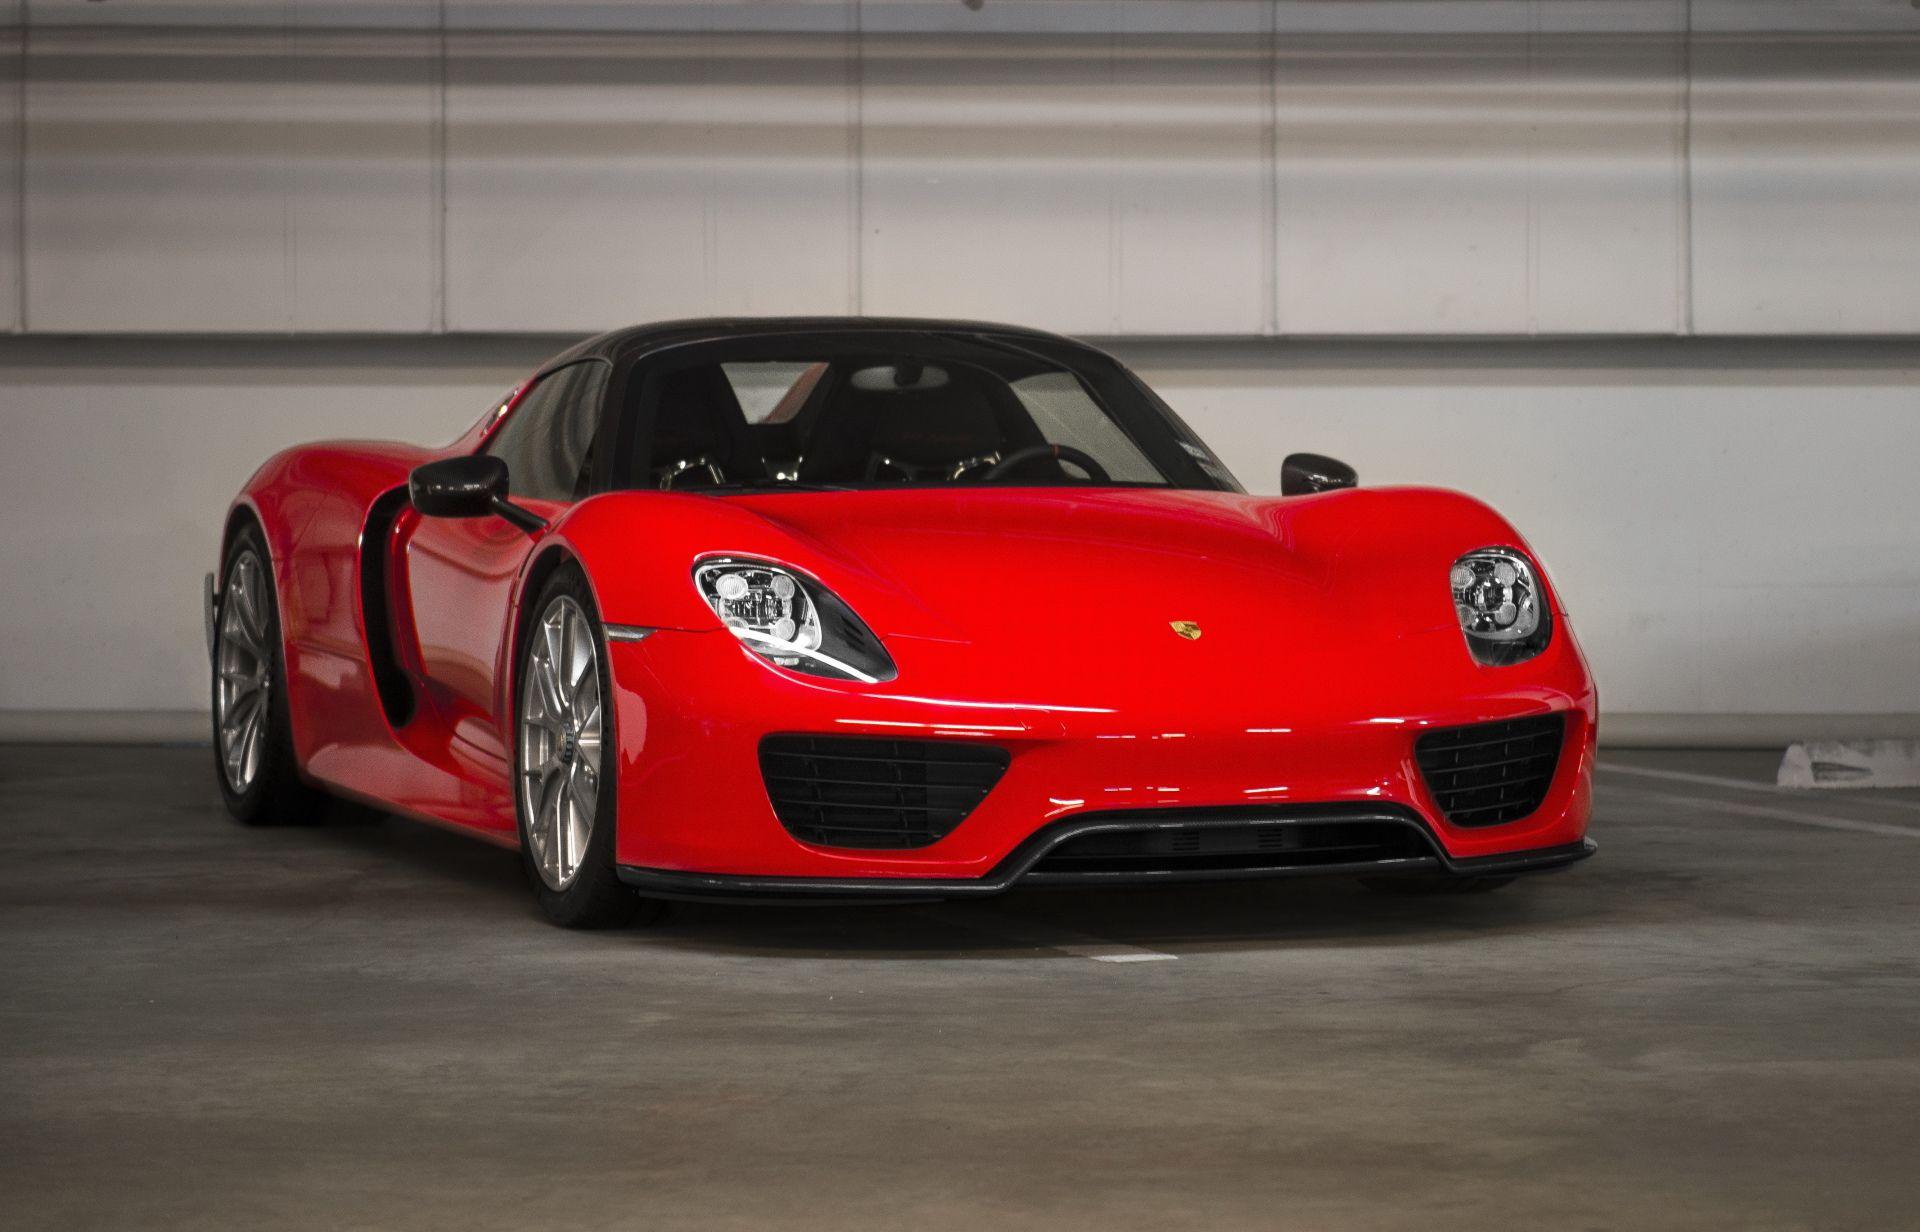 Vehicles Porsche 918 Spyder Porsche Car Supercar Vehicle Red Car Wallpaper Porsche 918 Porsche Porsche Car